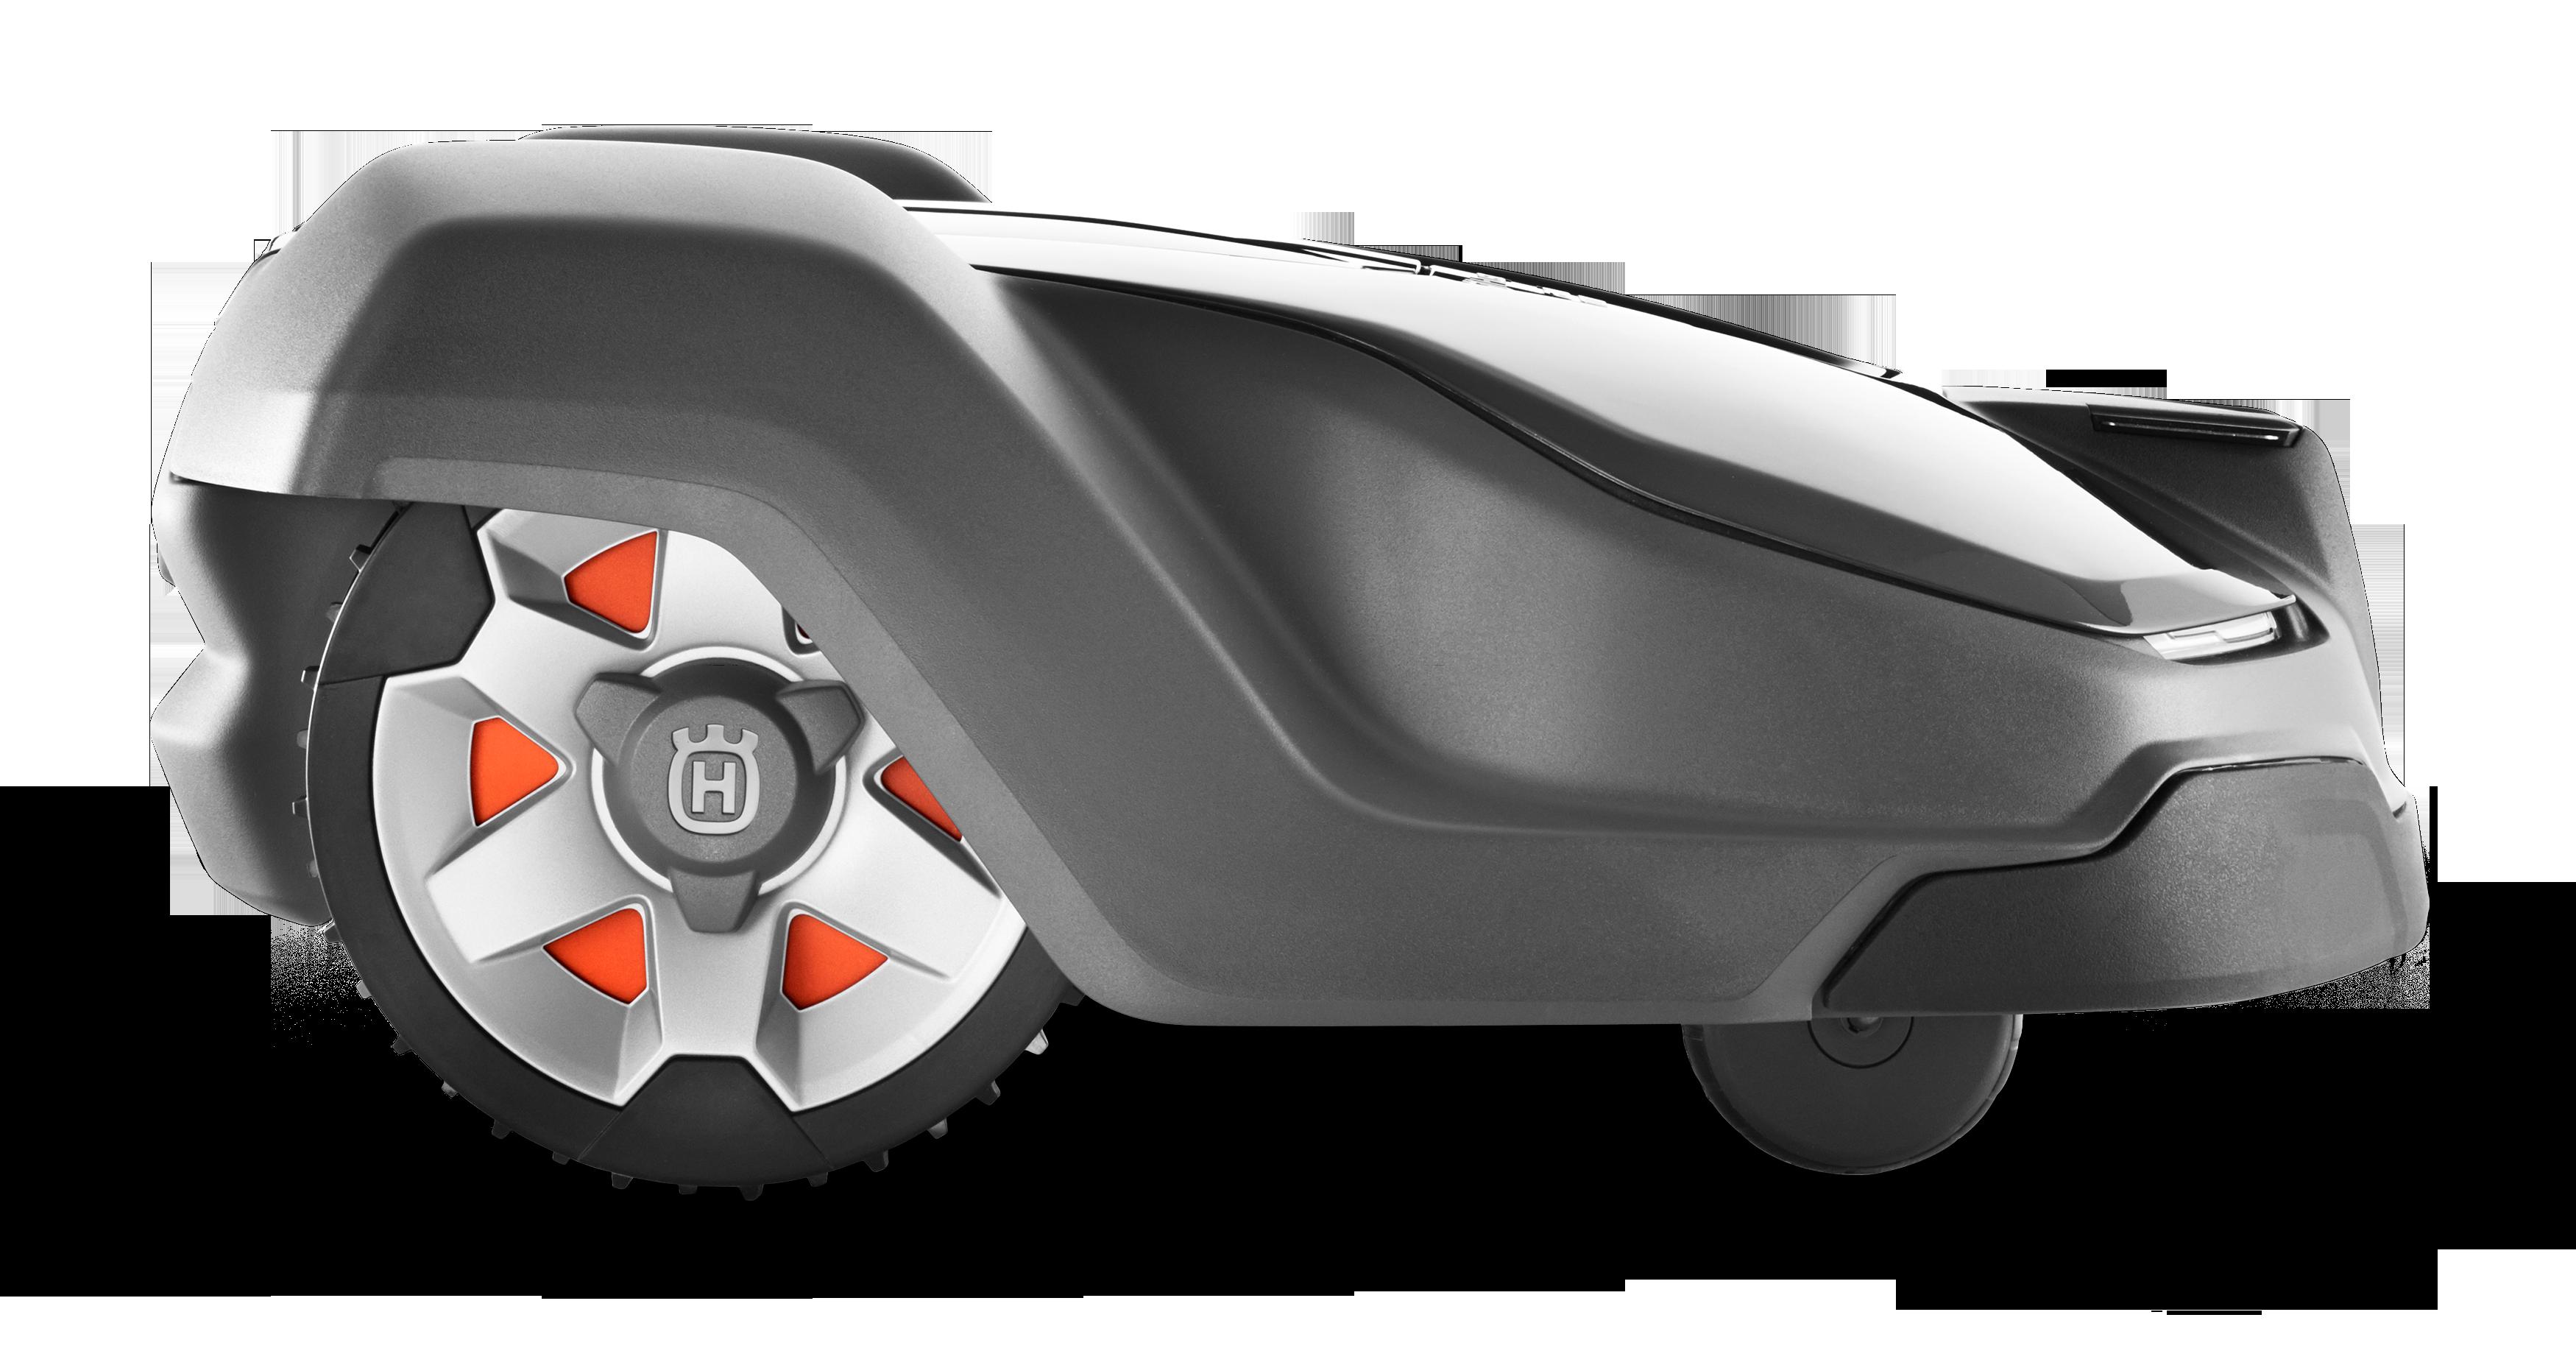 Melns Husqvarna zāles pļāvējs robots – Automower 430X modelis, skats no labās puses